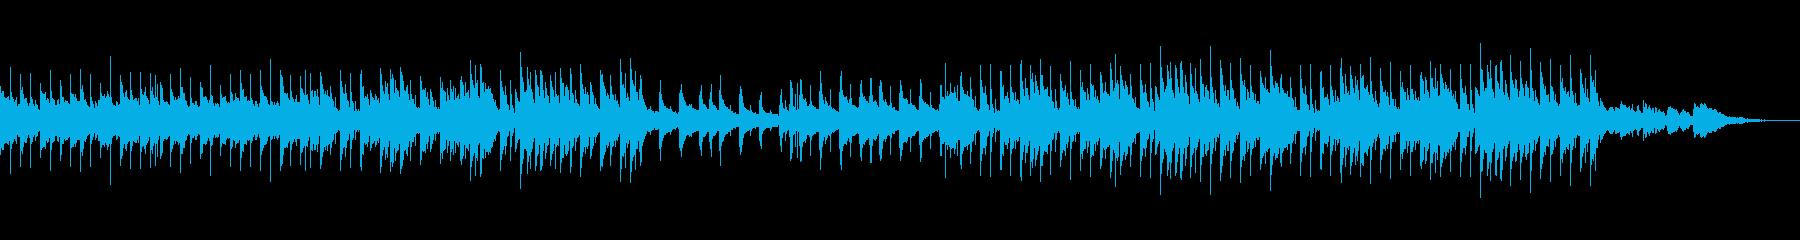 わくわく感のあるかわいいBGMの再生済みの波形